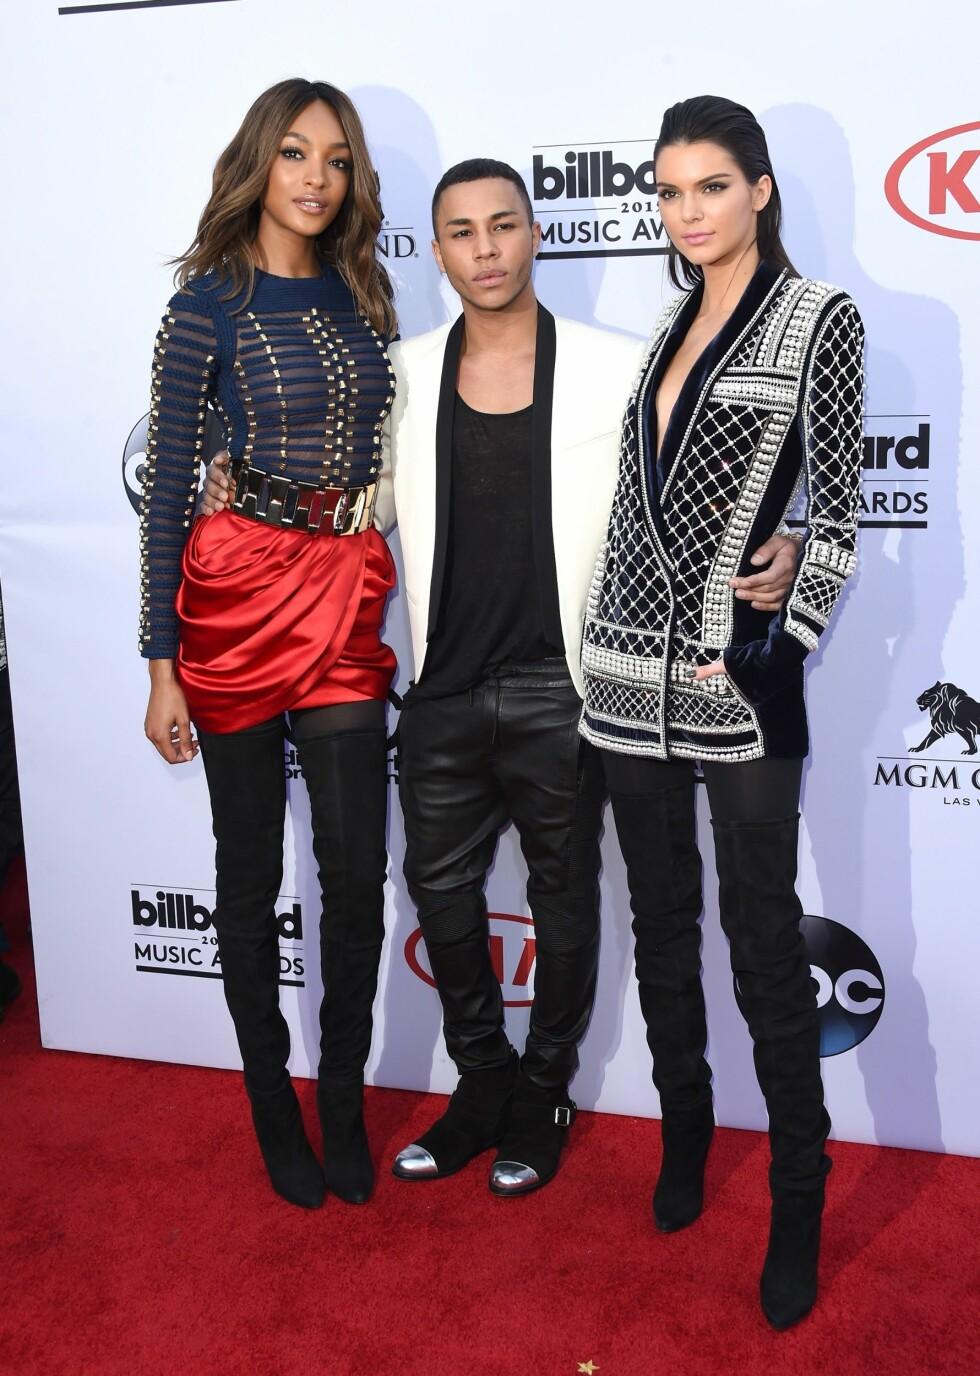 MED SJEFSDESIGNEREN: Her er modellene Jourdan Dunn og Kendall Jenner med Balmains sjefsdesigner Olivier Rousteing på Billboard Music Awards. Begge modellene bar plagg fra H&M-kolleksjonen, som lanseres 5. november.  Foto: Afp